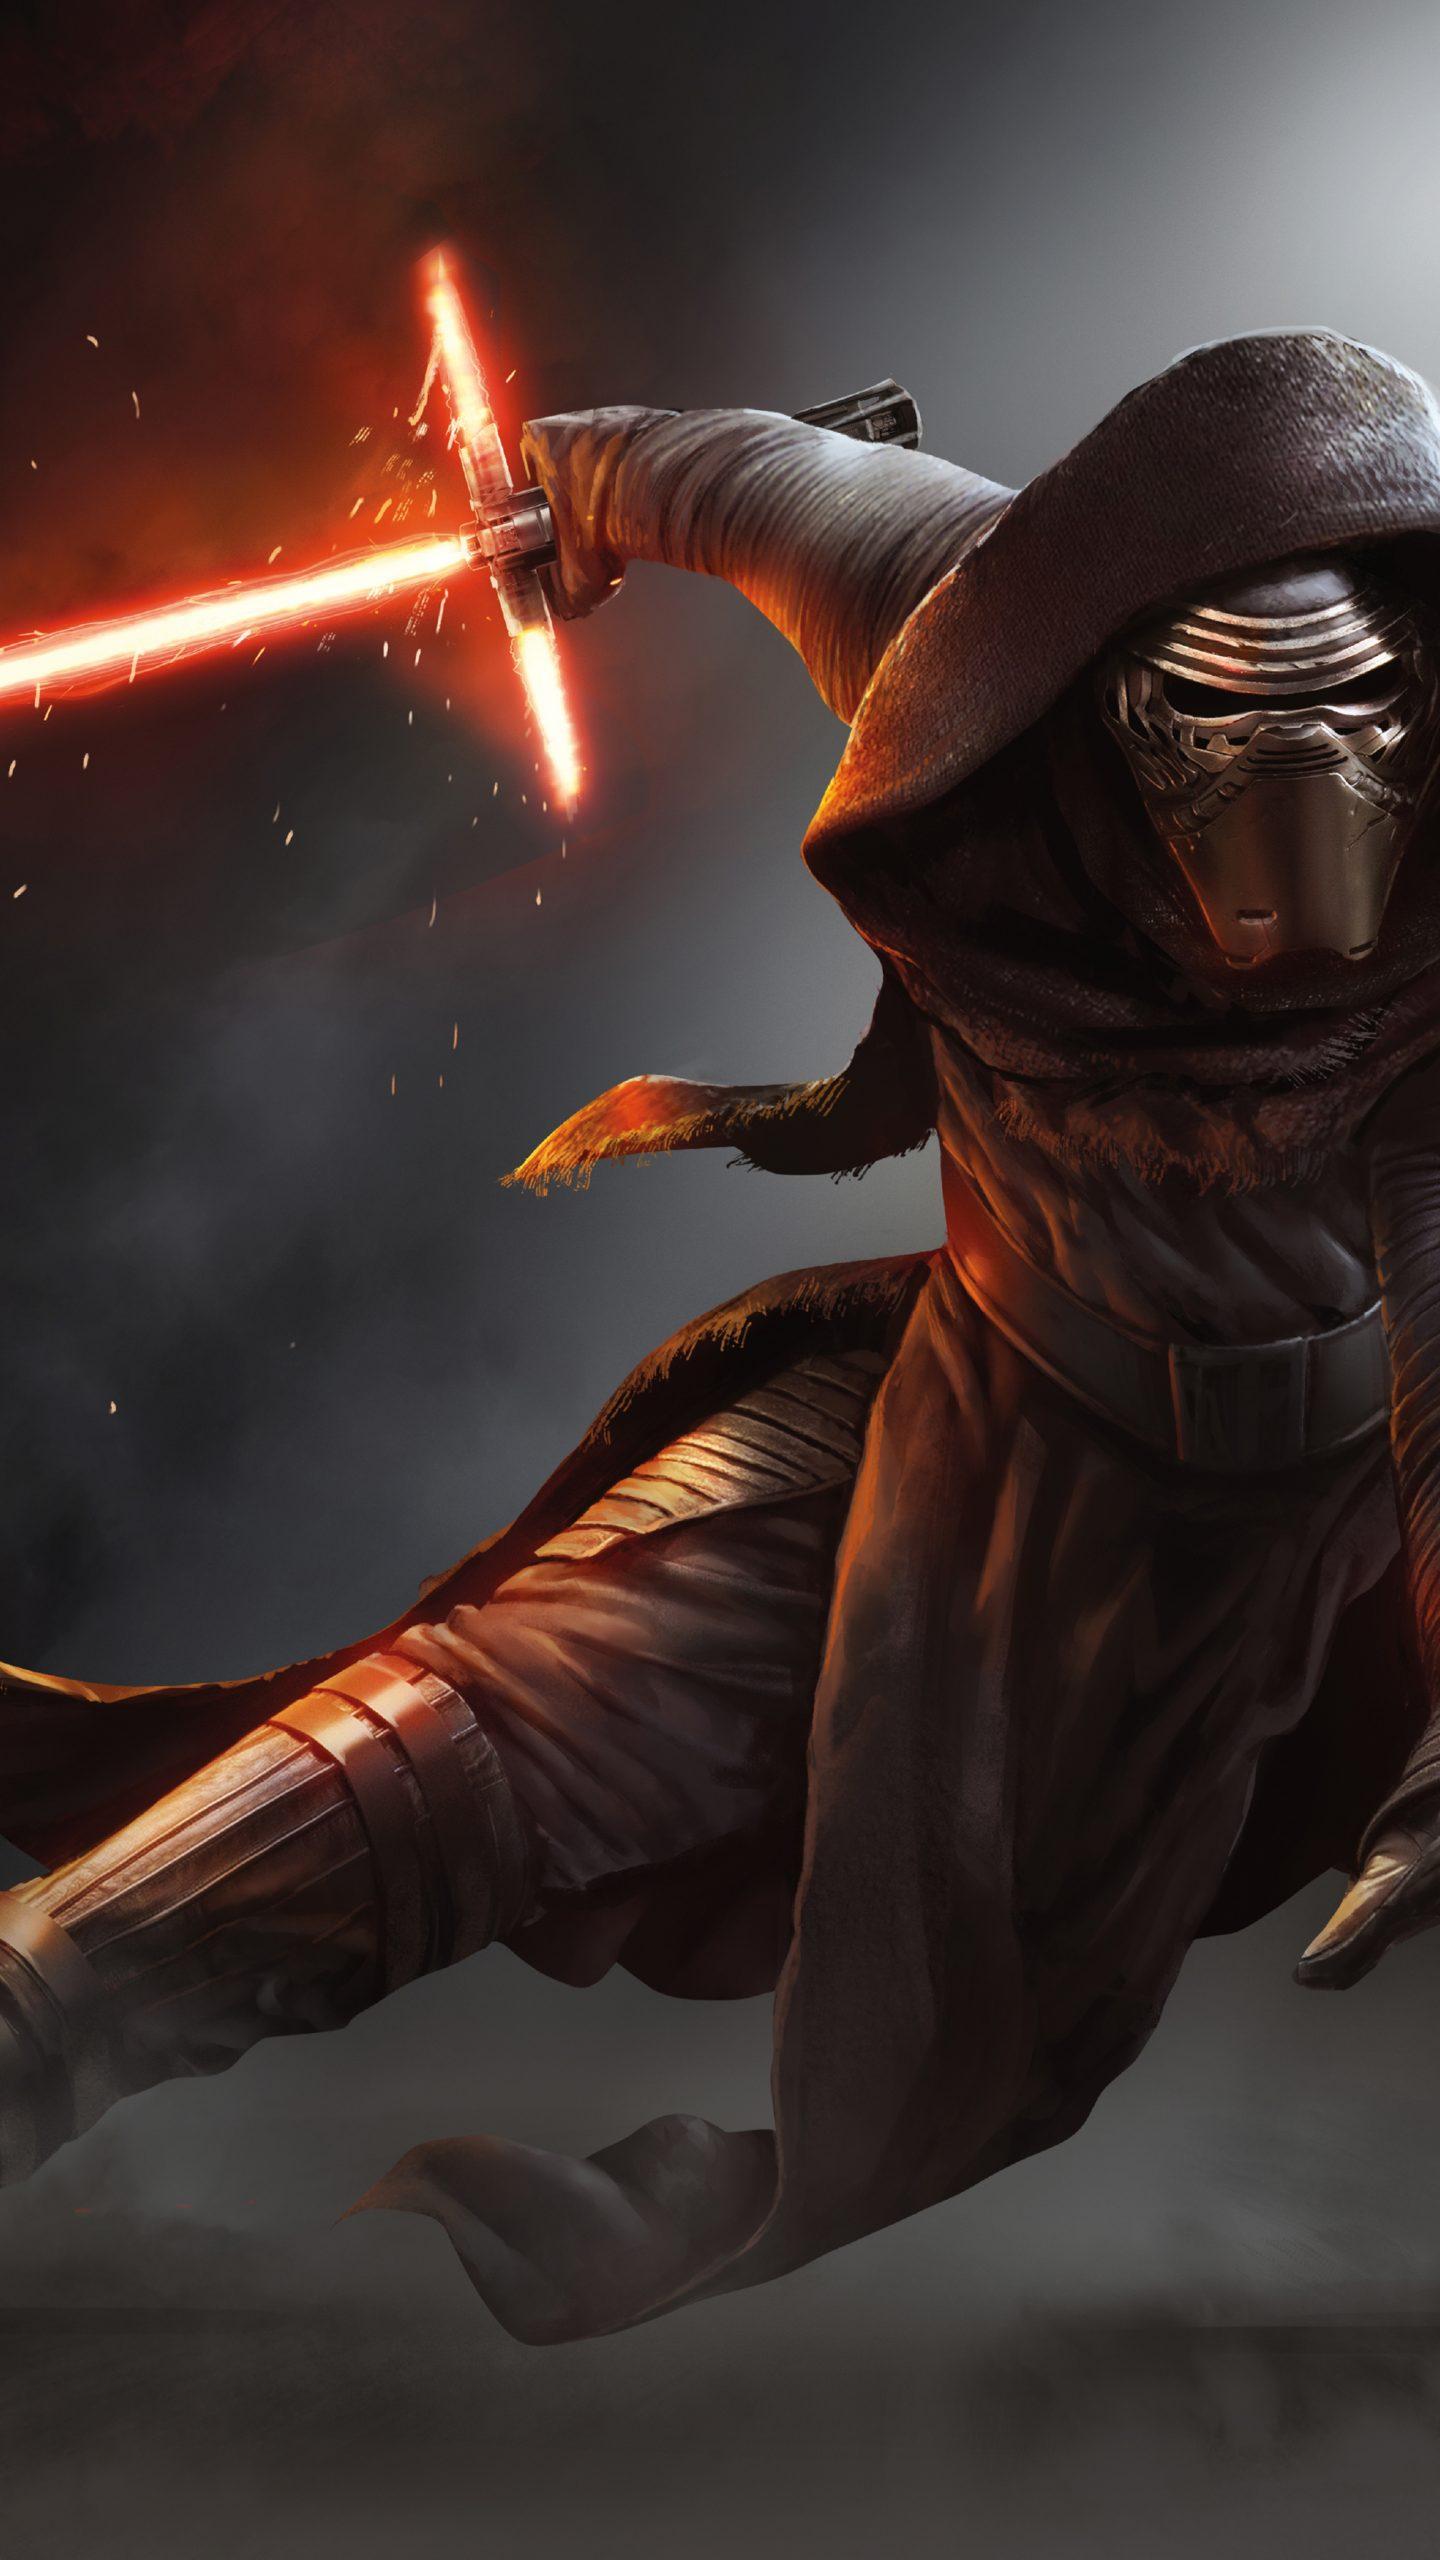 Kylo Ren Star Wars The Force Awakens 4k Wallpaper Best Wallpapers